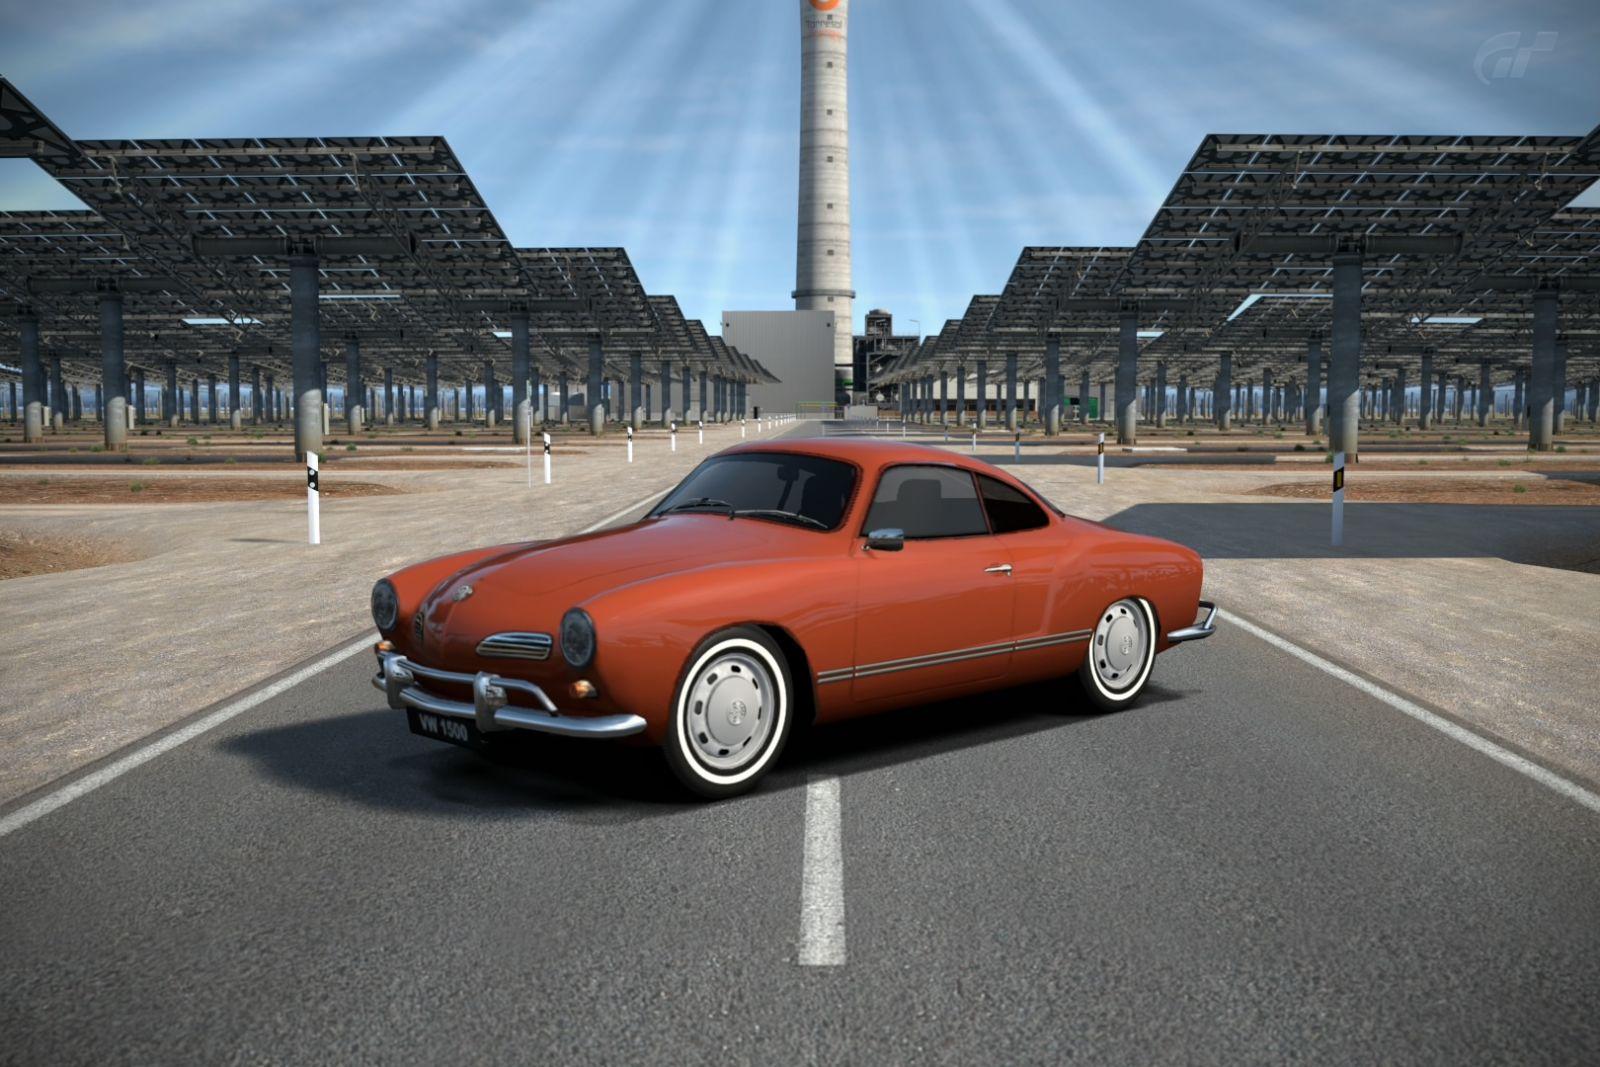 Карманн Гиа - VW Karmann Ghia - Gemasolar